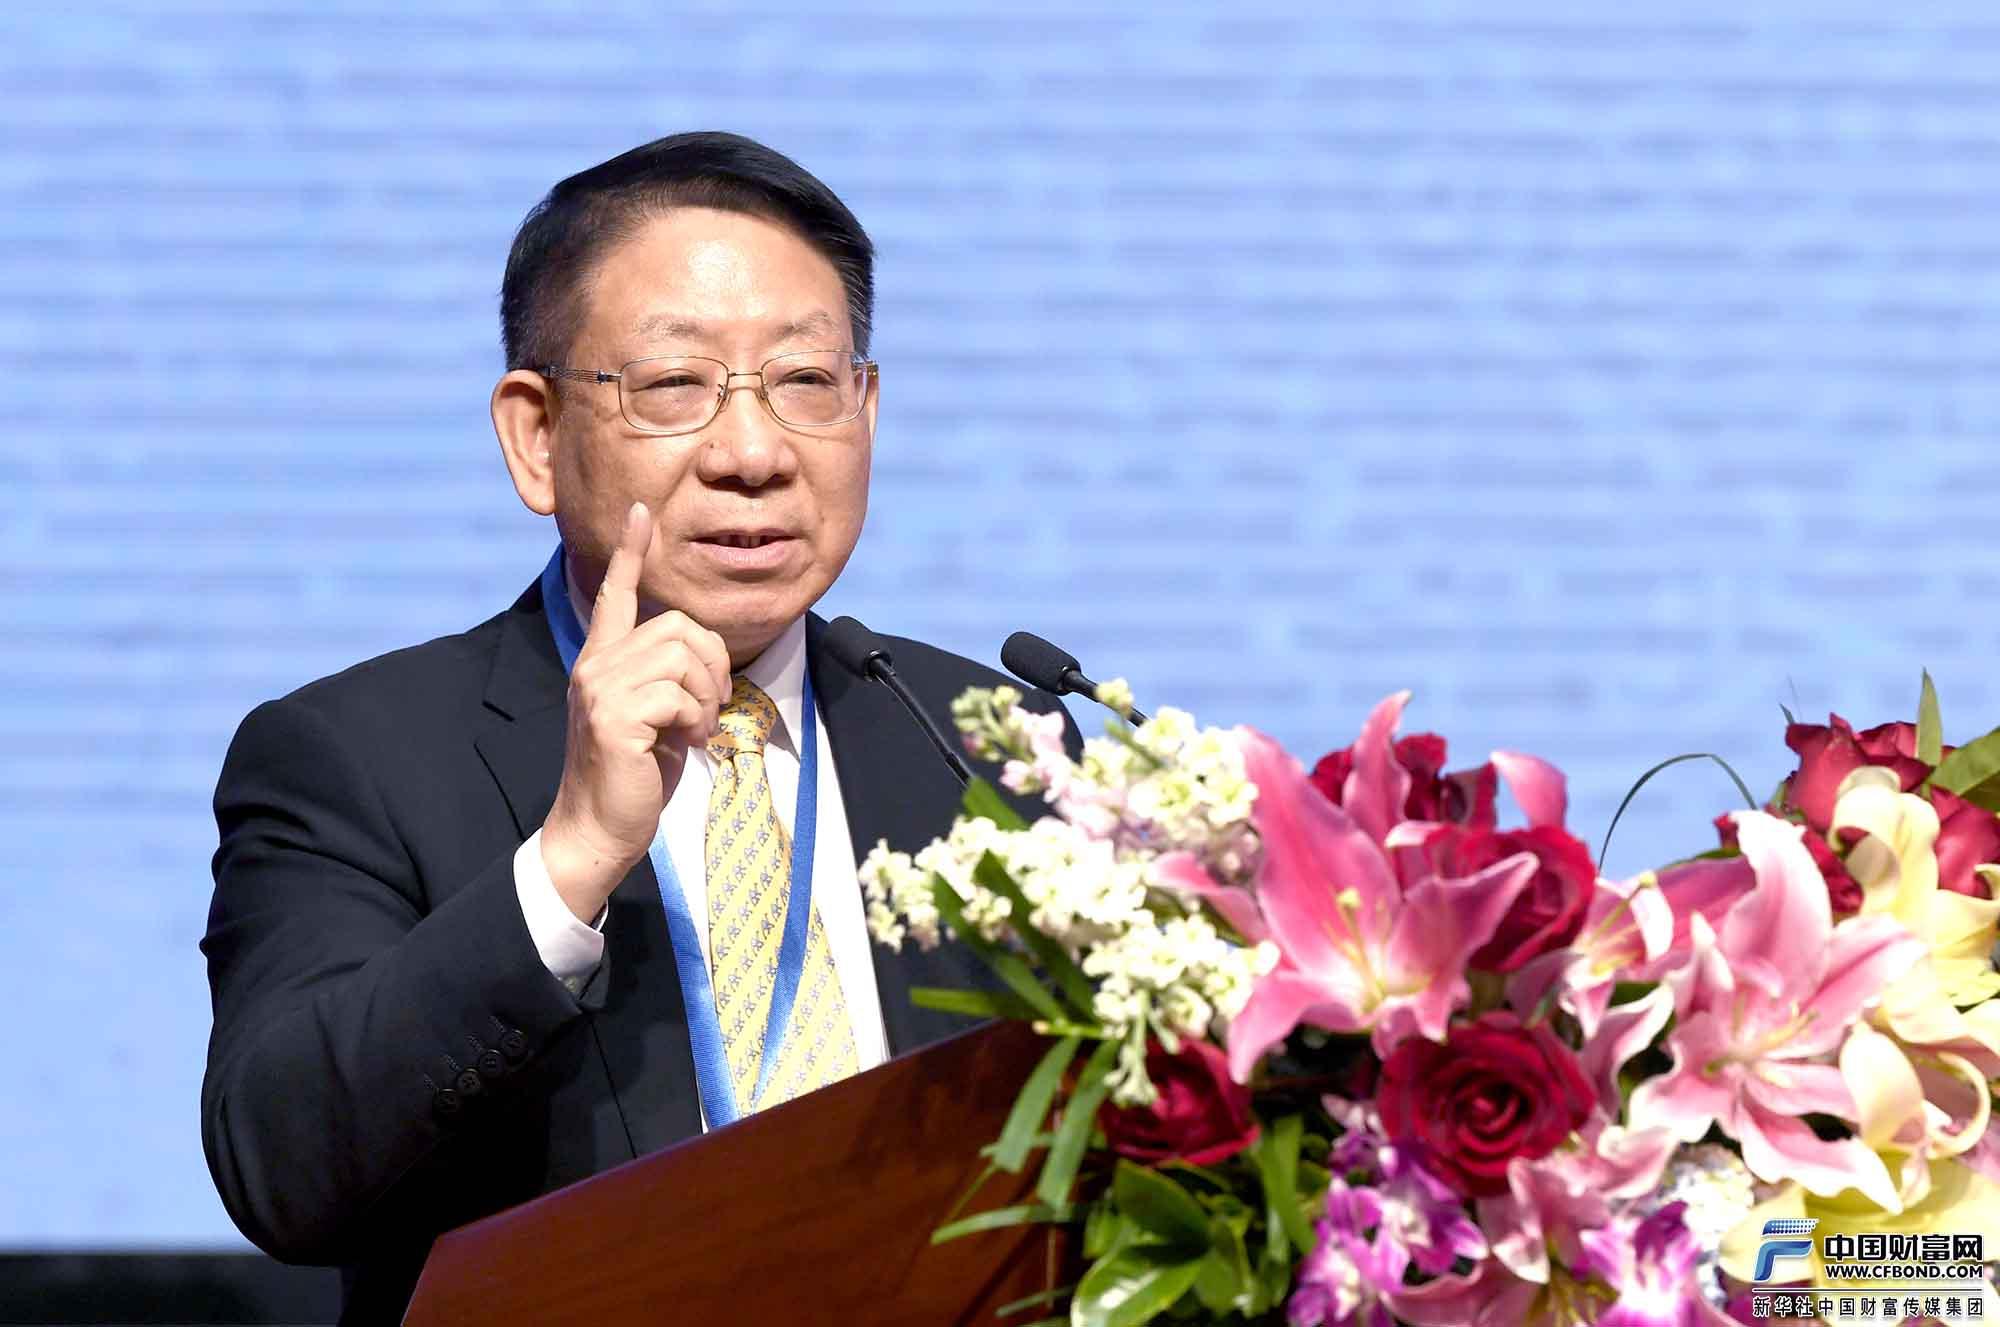 专题演讲:广东中盈盛达融资担保投资股份有限企业董事长吴列进